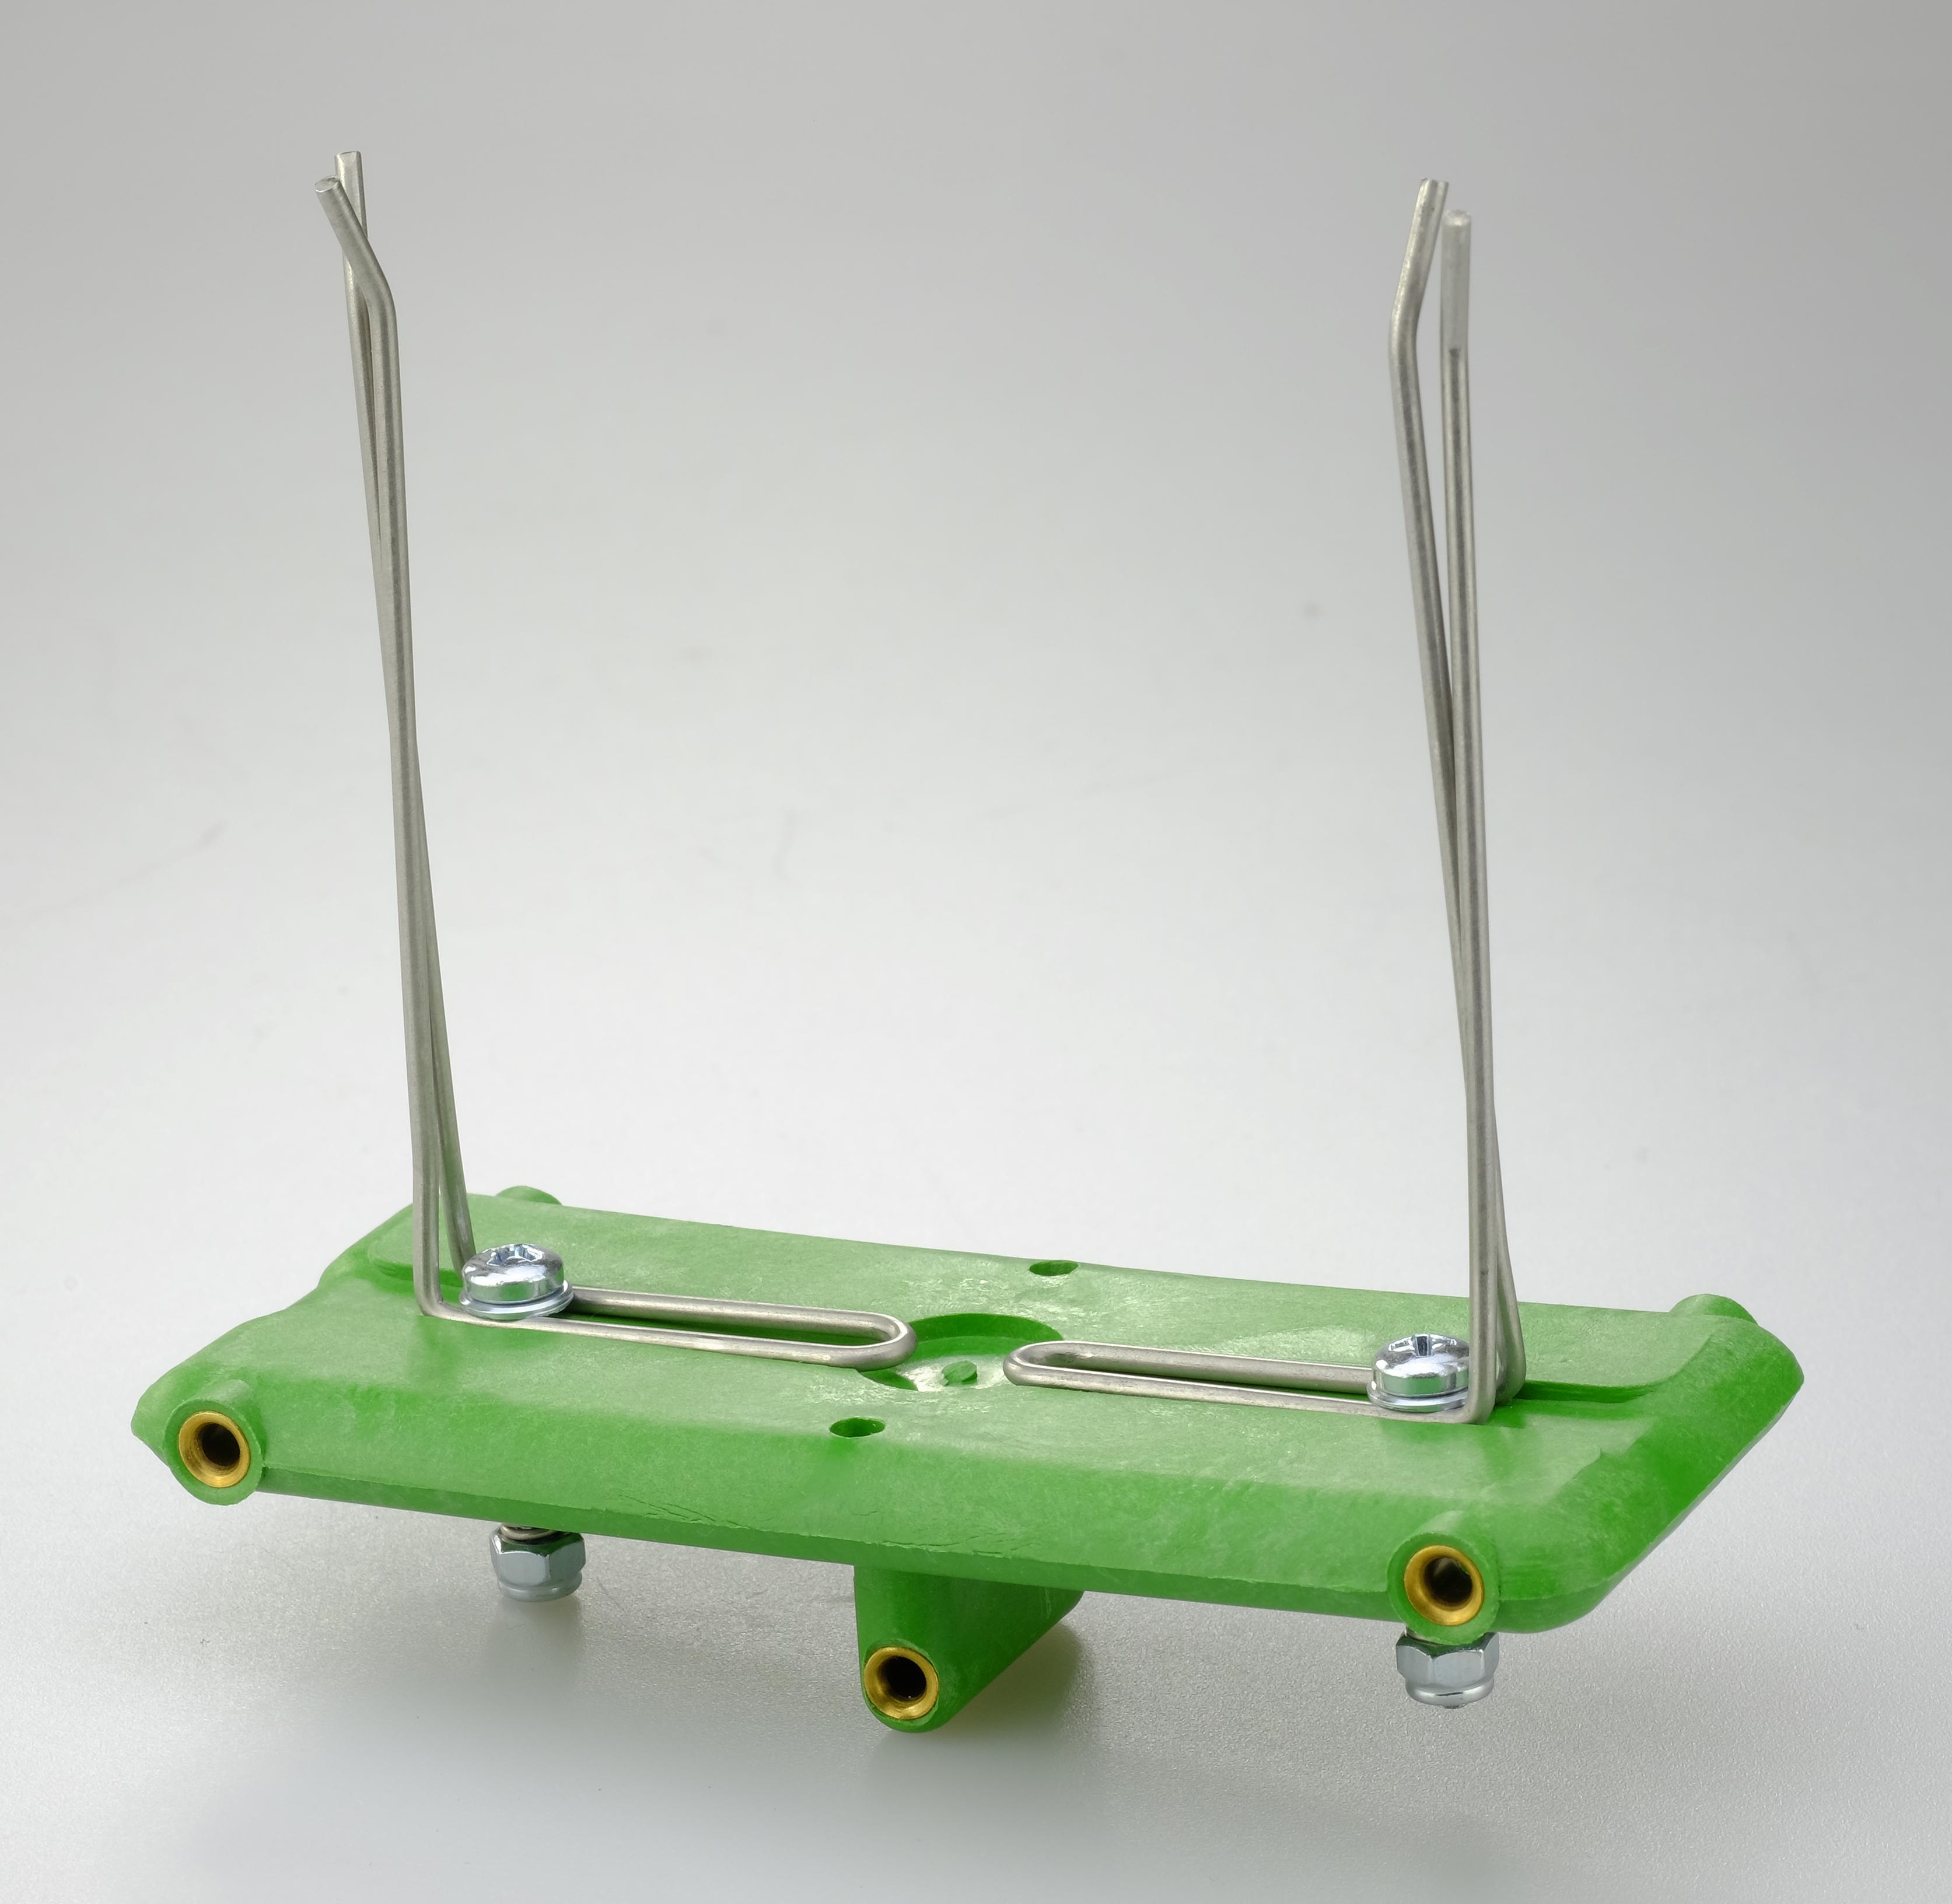 BCDZZ Einstellbare F/ührer N/ähfu/ßes elastische Schnur Band Stoff Stretch N/ähmaschinenn/ähfu/ß Snap On N/ähen Werkzeuge DIY N/ähzubeh/ör